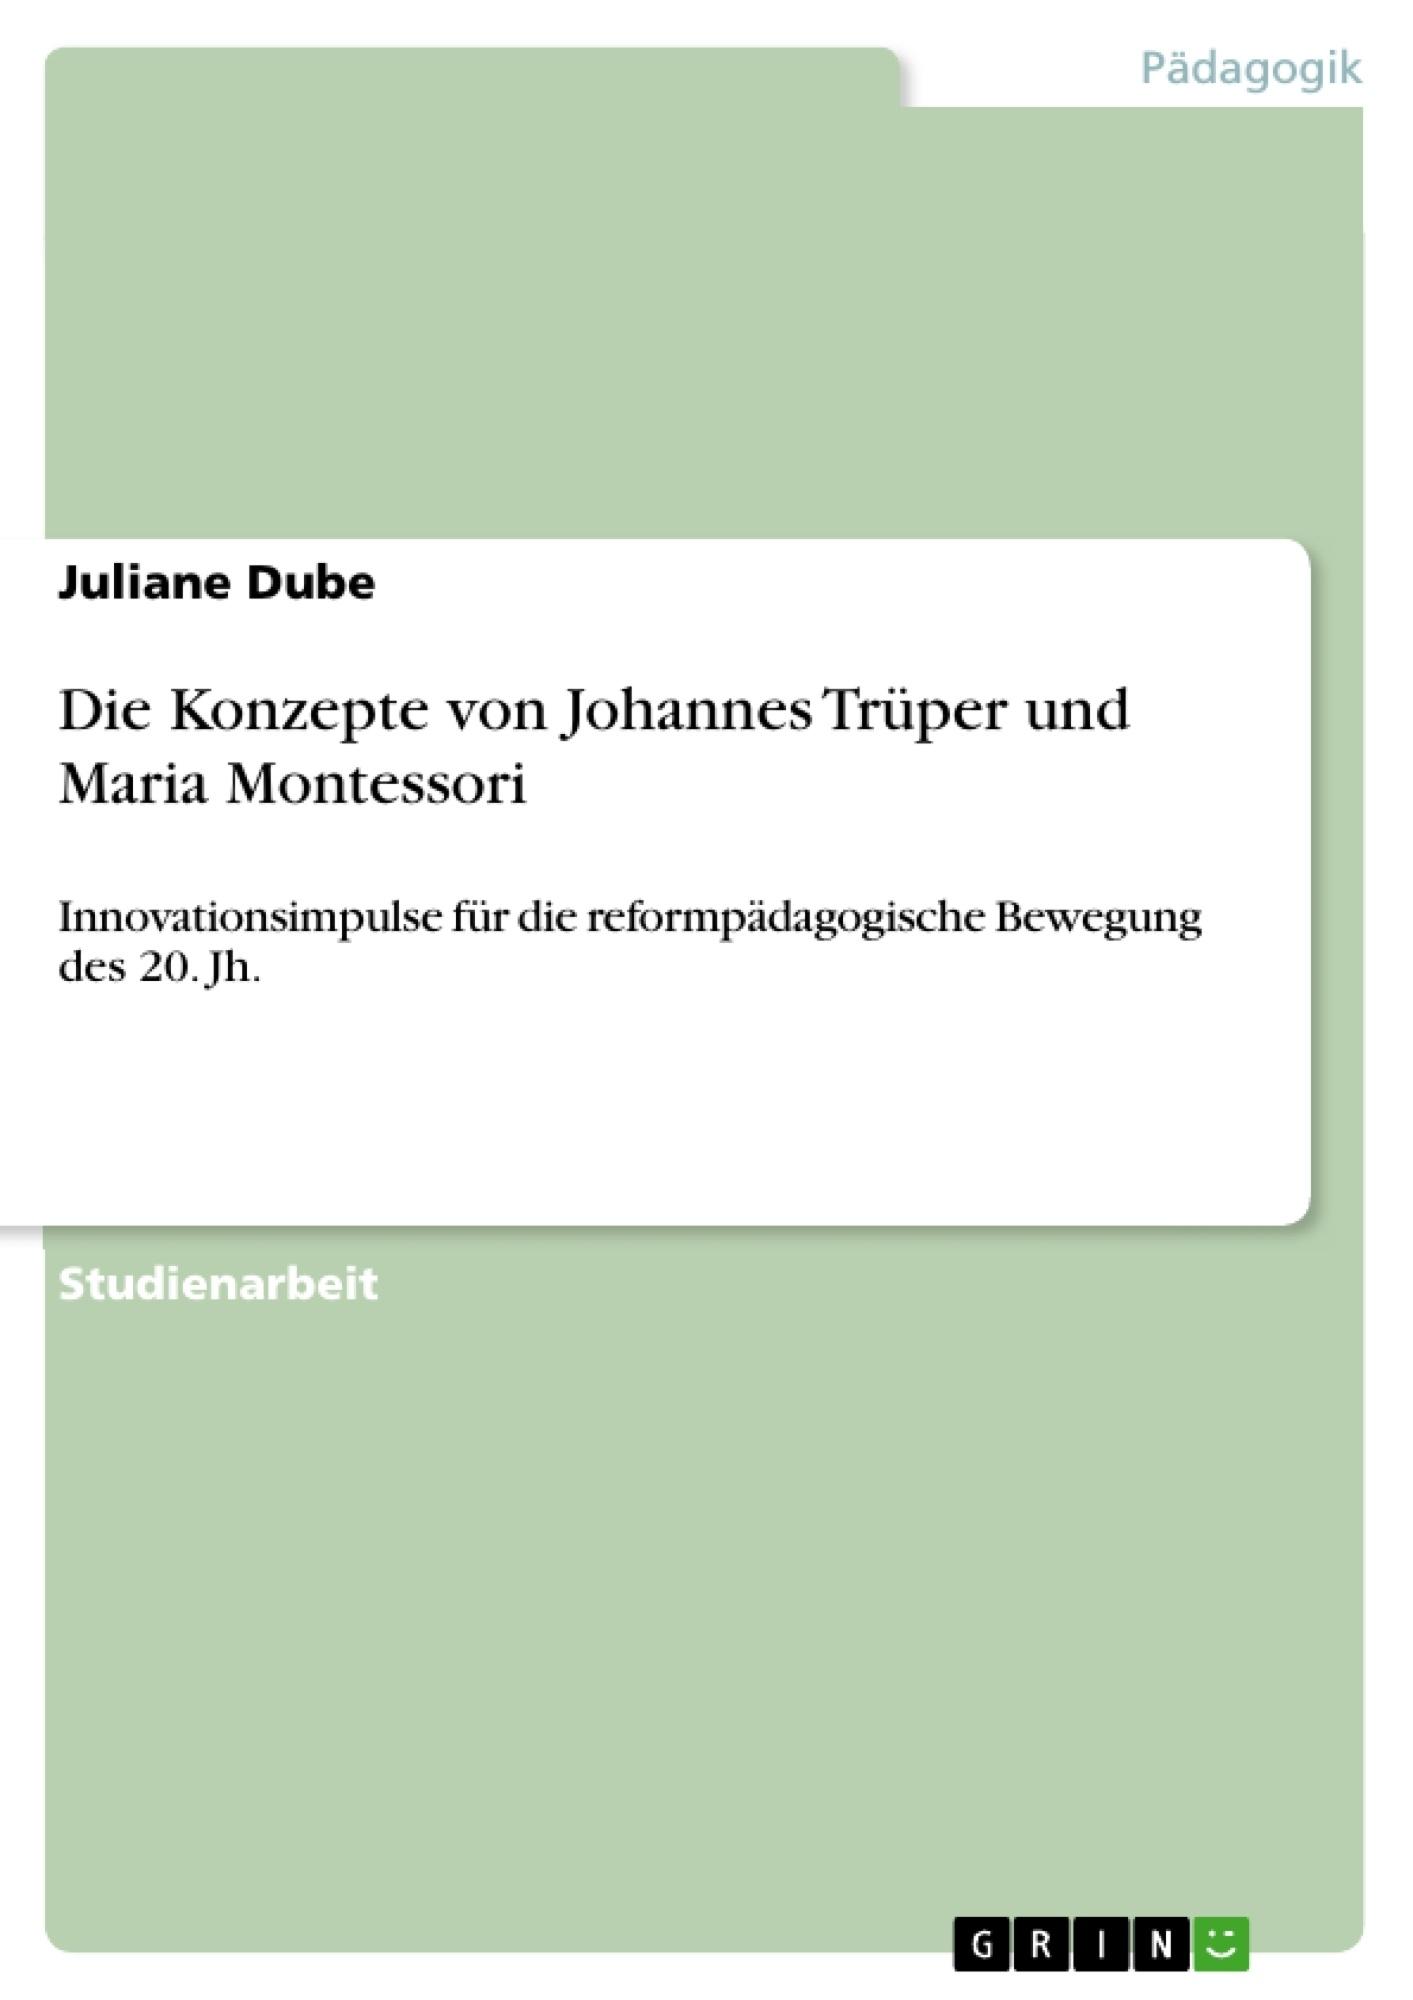 Titel: Die Konzepte von Johannes Trüper und Maria Montessori